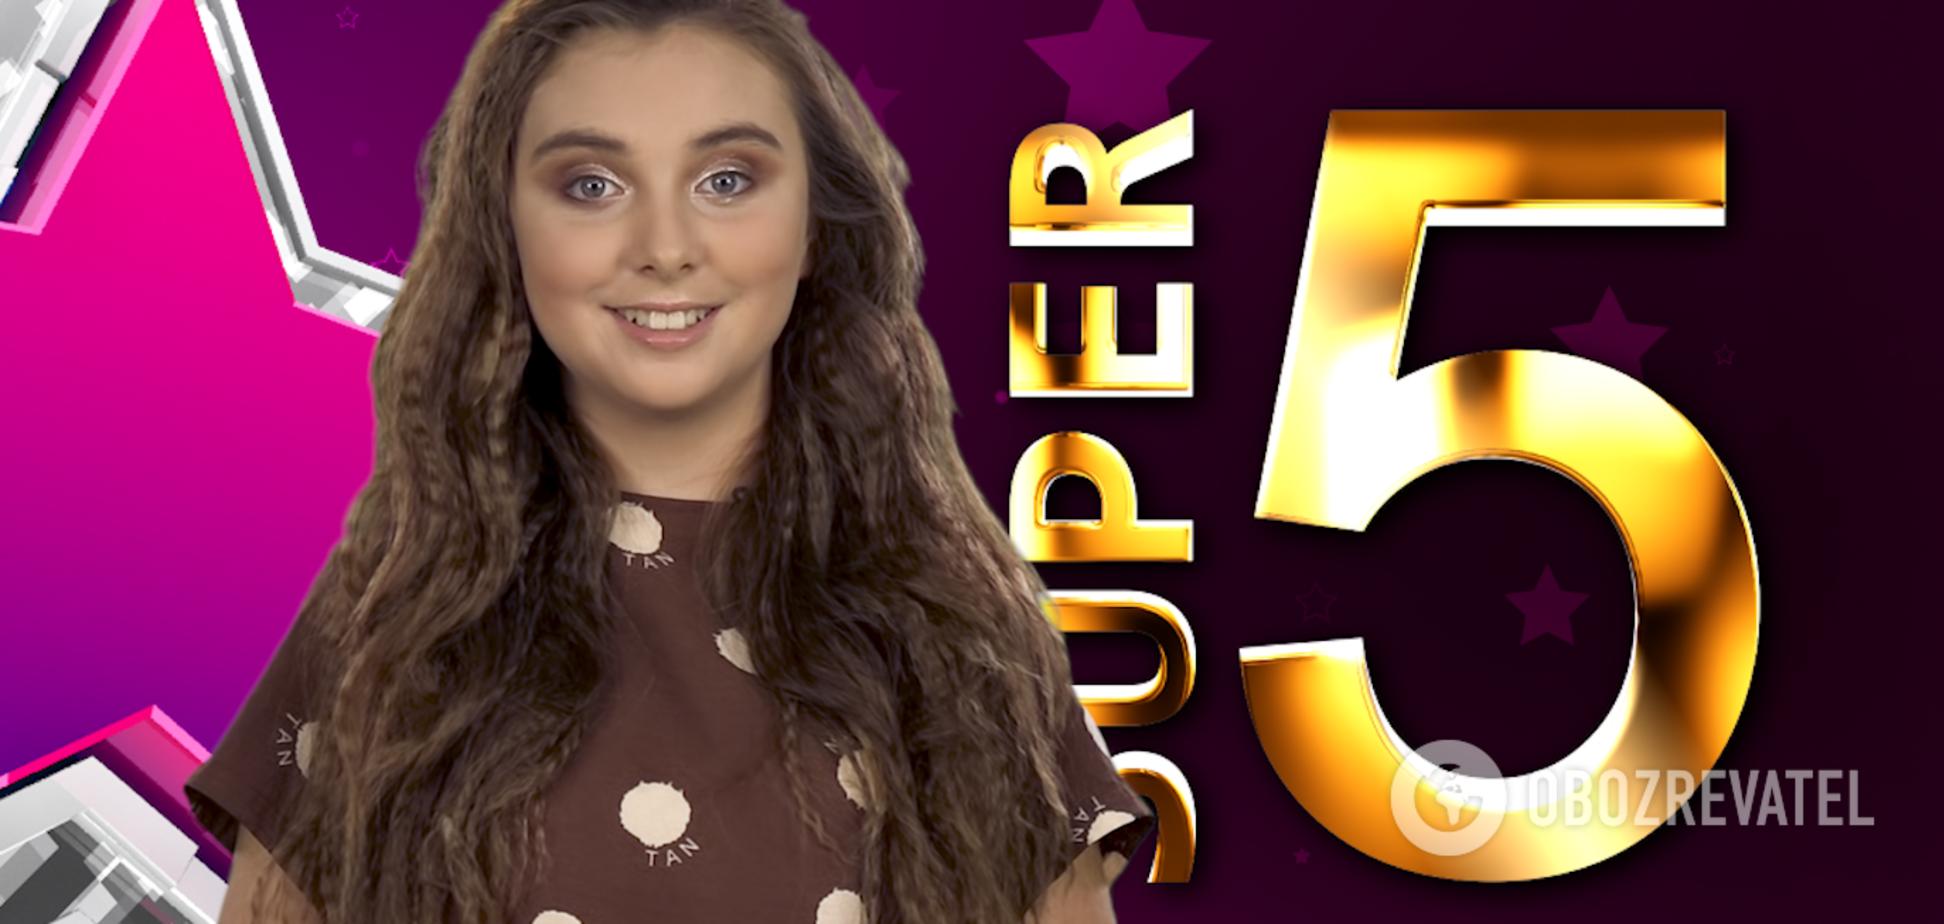 Анна Трінчер або Макс Барських? Хто лідирує в хіт-параді цього тижня? Дивіться 'Super 5!' з Вікторією Маціщук!